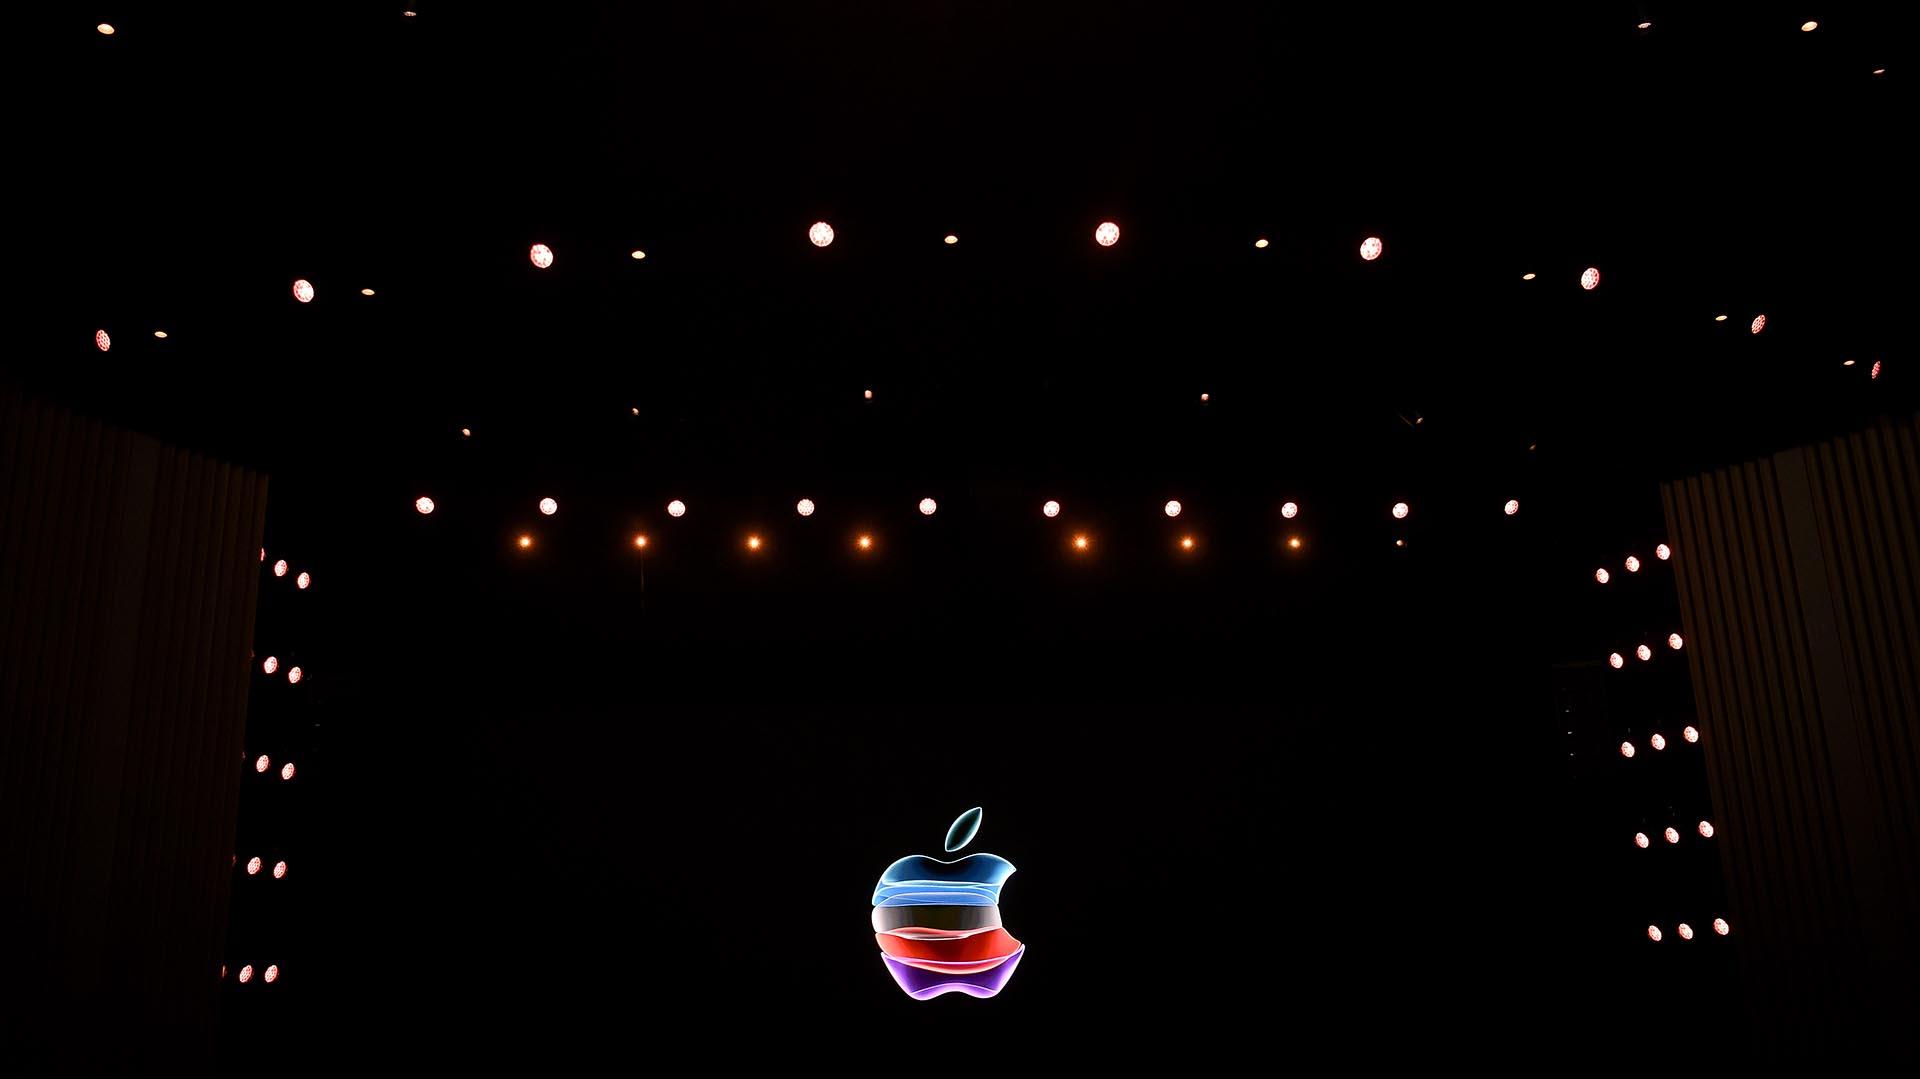 El logotipo de la manzana se proyecta en una pantalla antes del inicio del Apple Special Event (Photo by Josh Edelson / AFP)